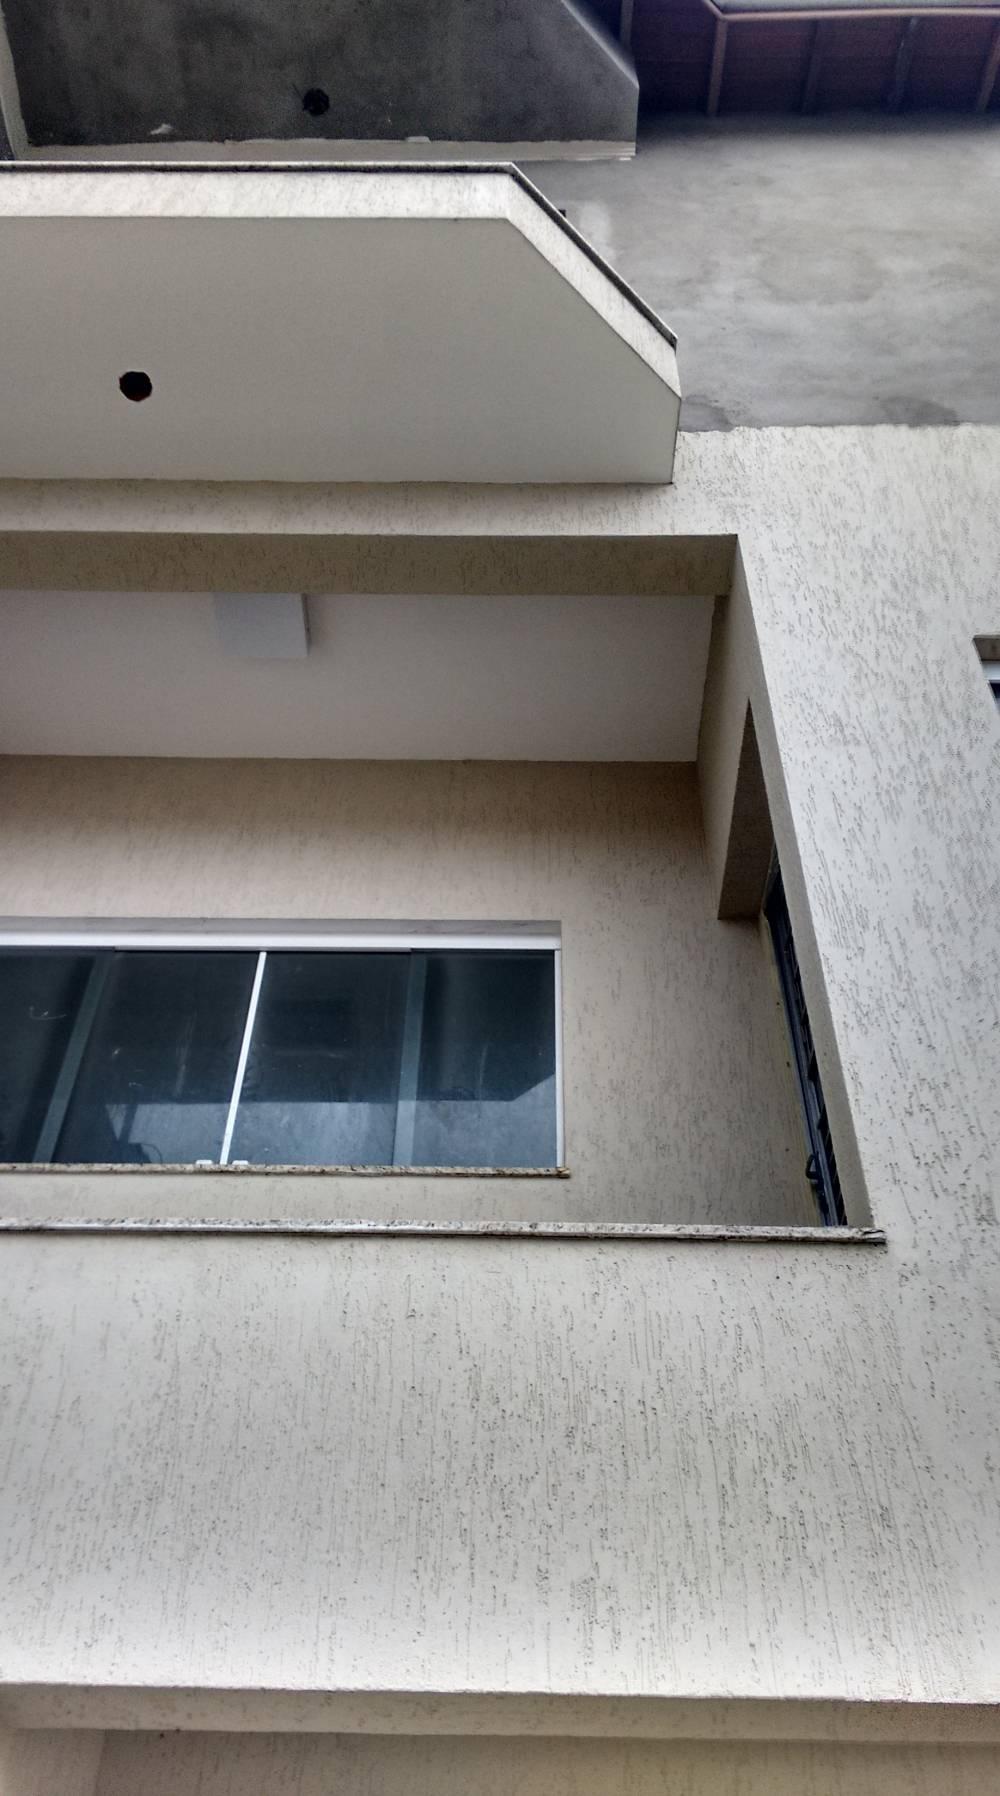 Reparos em Residências Valor em Baeta Neves - Serviço de Reparos Residenciais